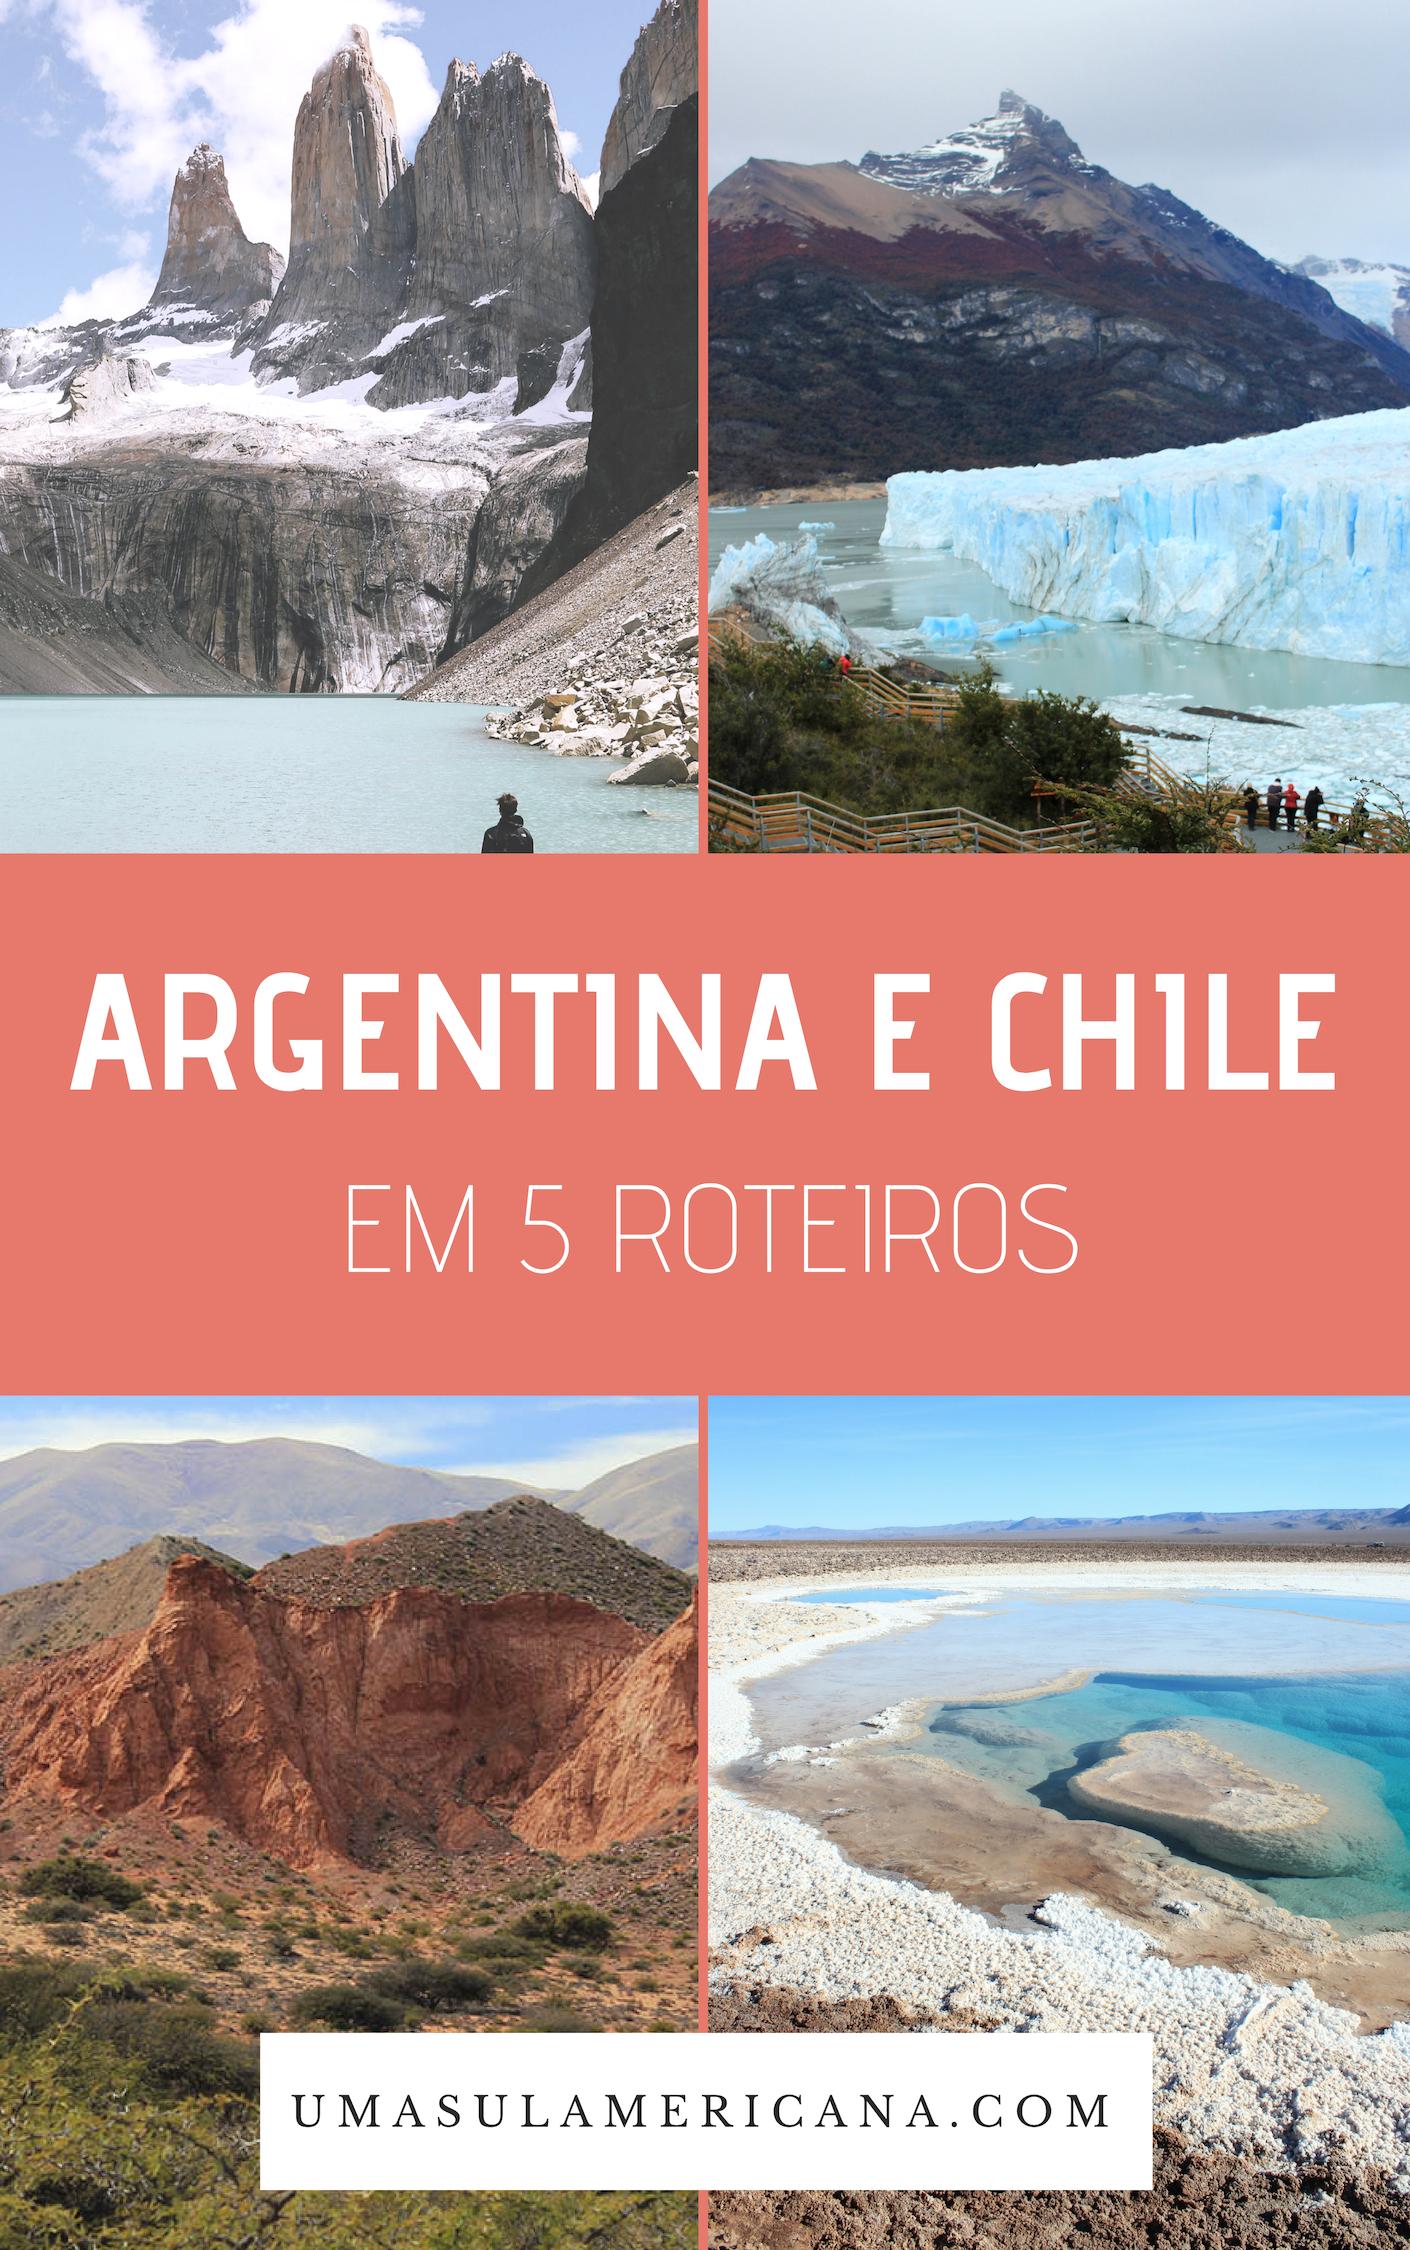 Argentina e Chile em 5 roteiros de Norte a Sul